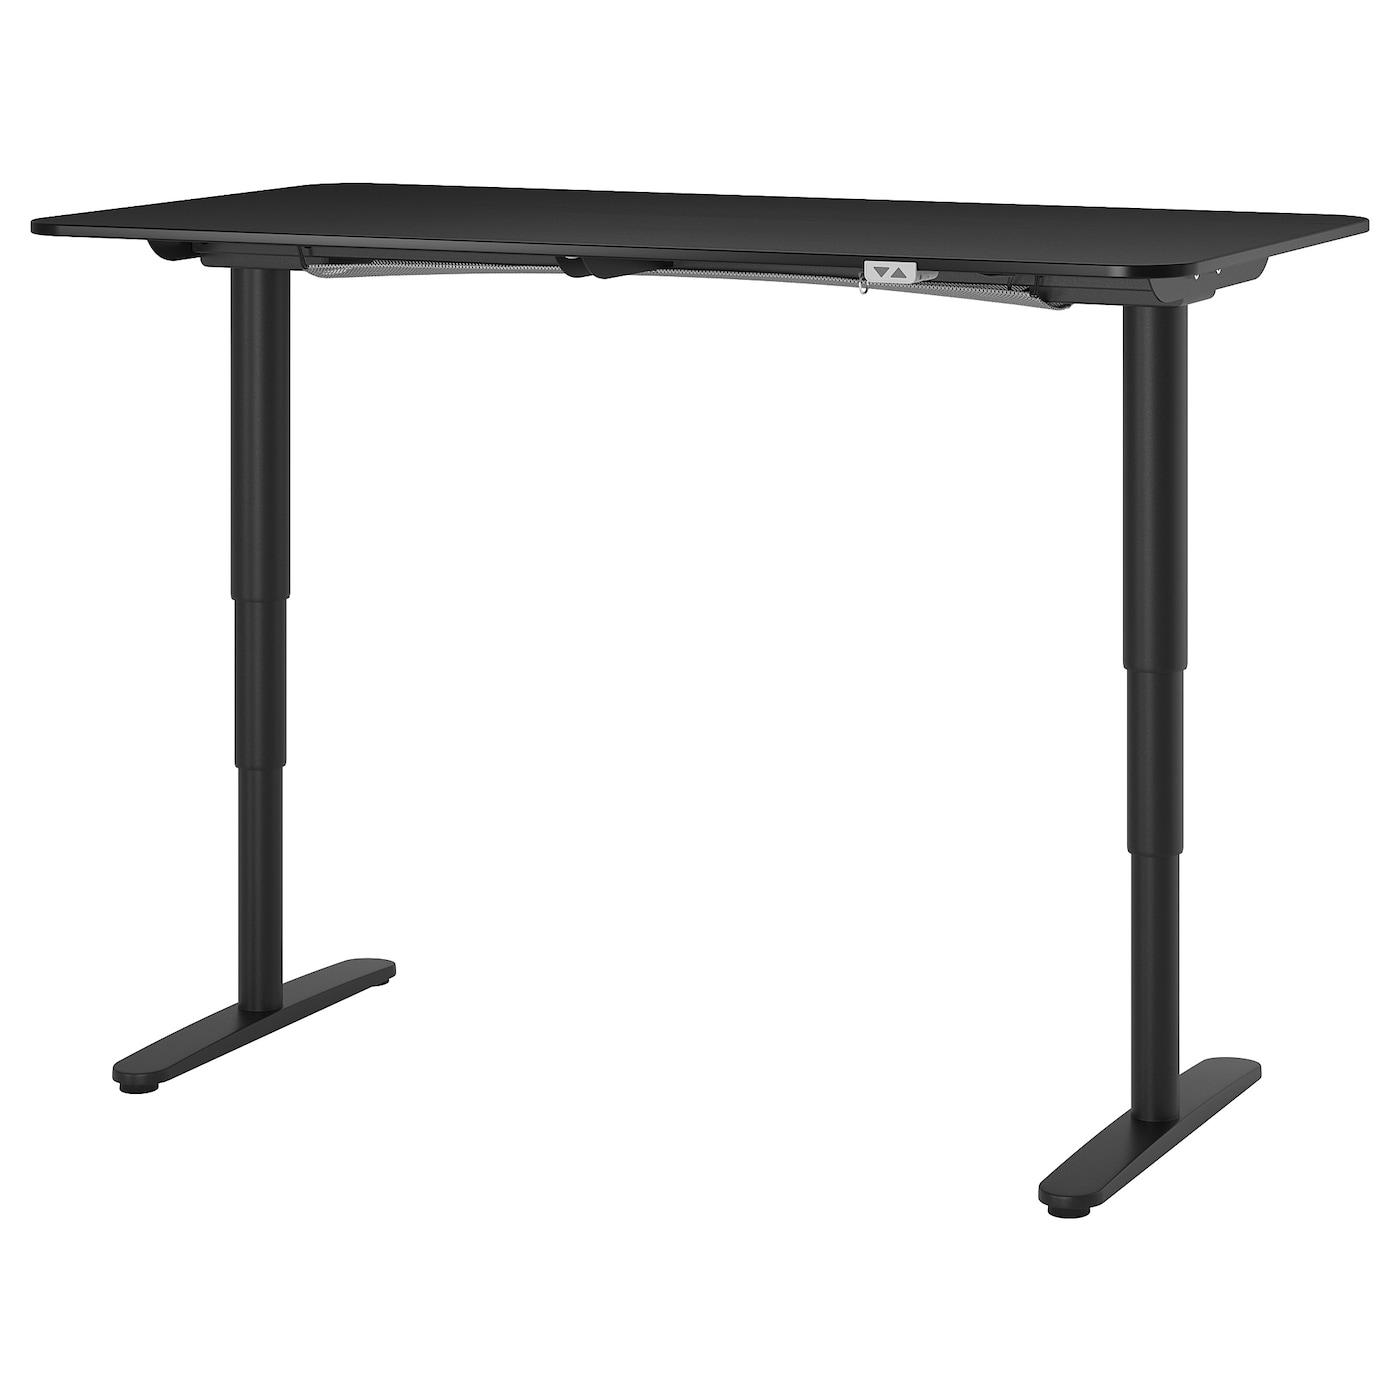 IKEA BEKANT Biurko z regulacją wysokości, okl jesionowa bejcowana na czarno, czarny, 160x80 cm